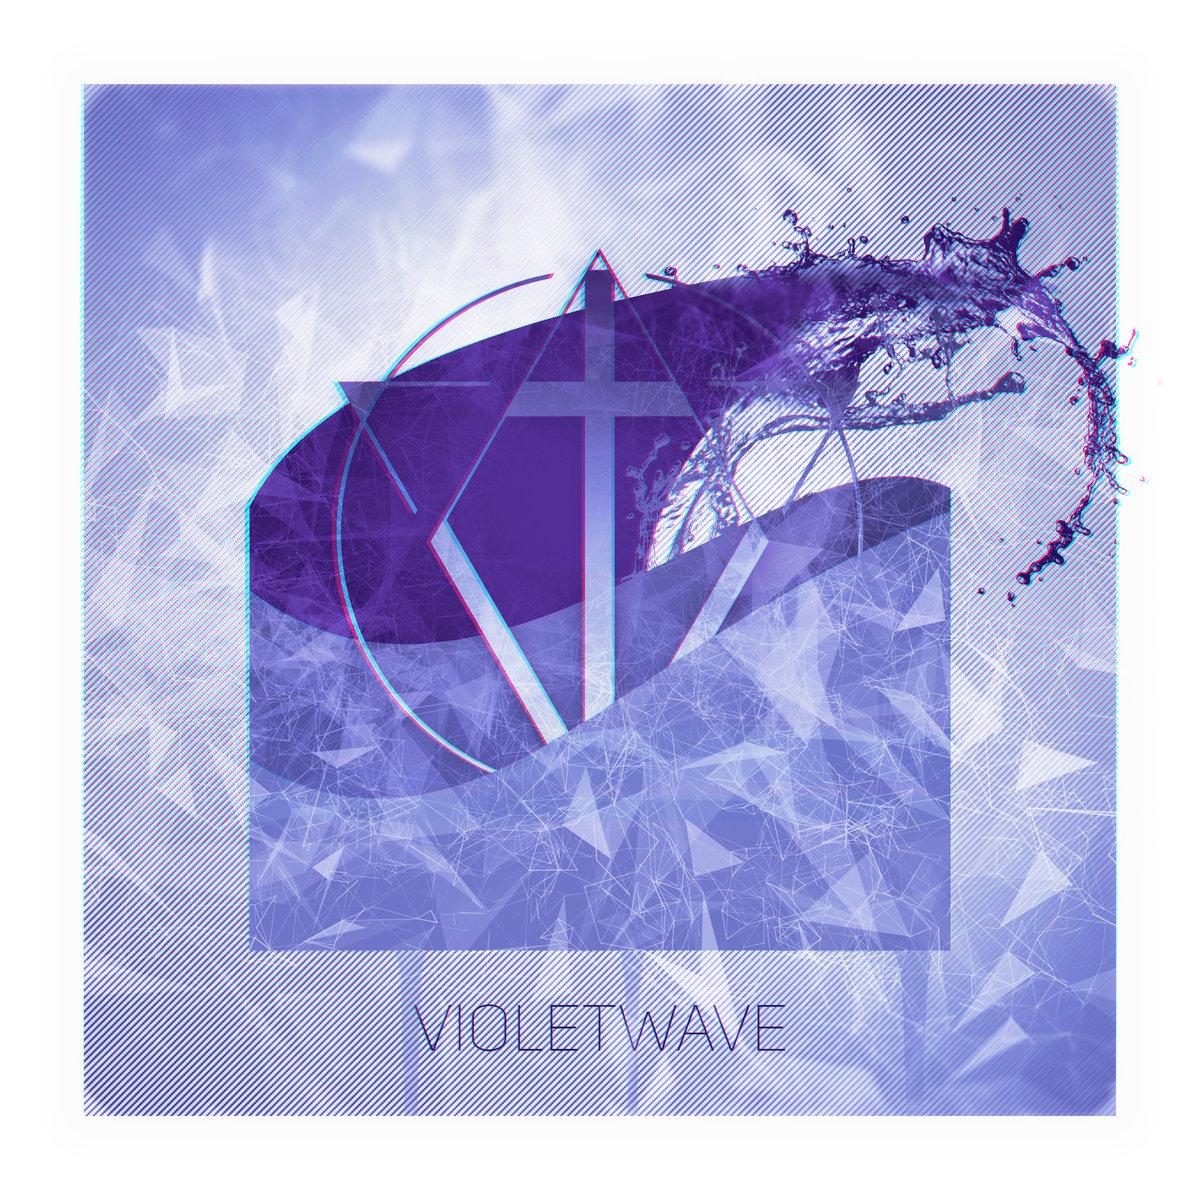 Violet7rip - Violetwave LP